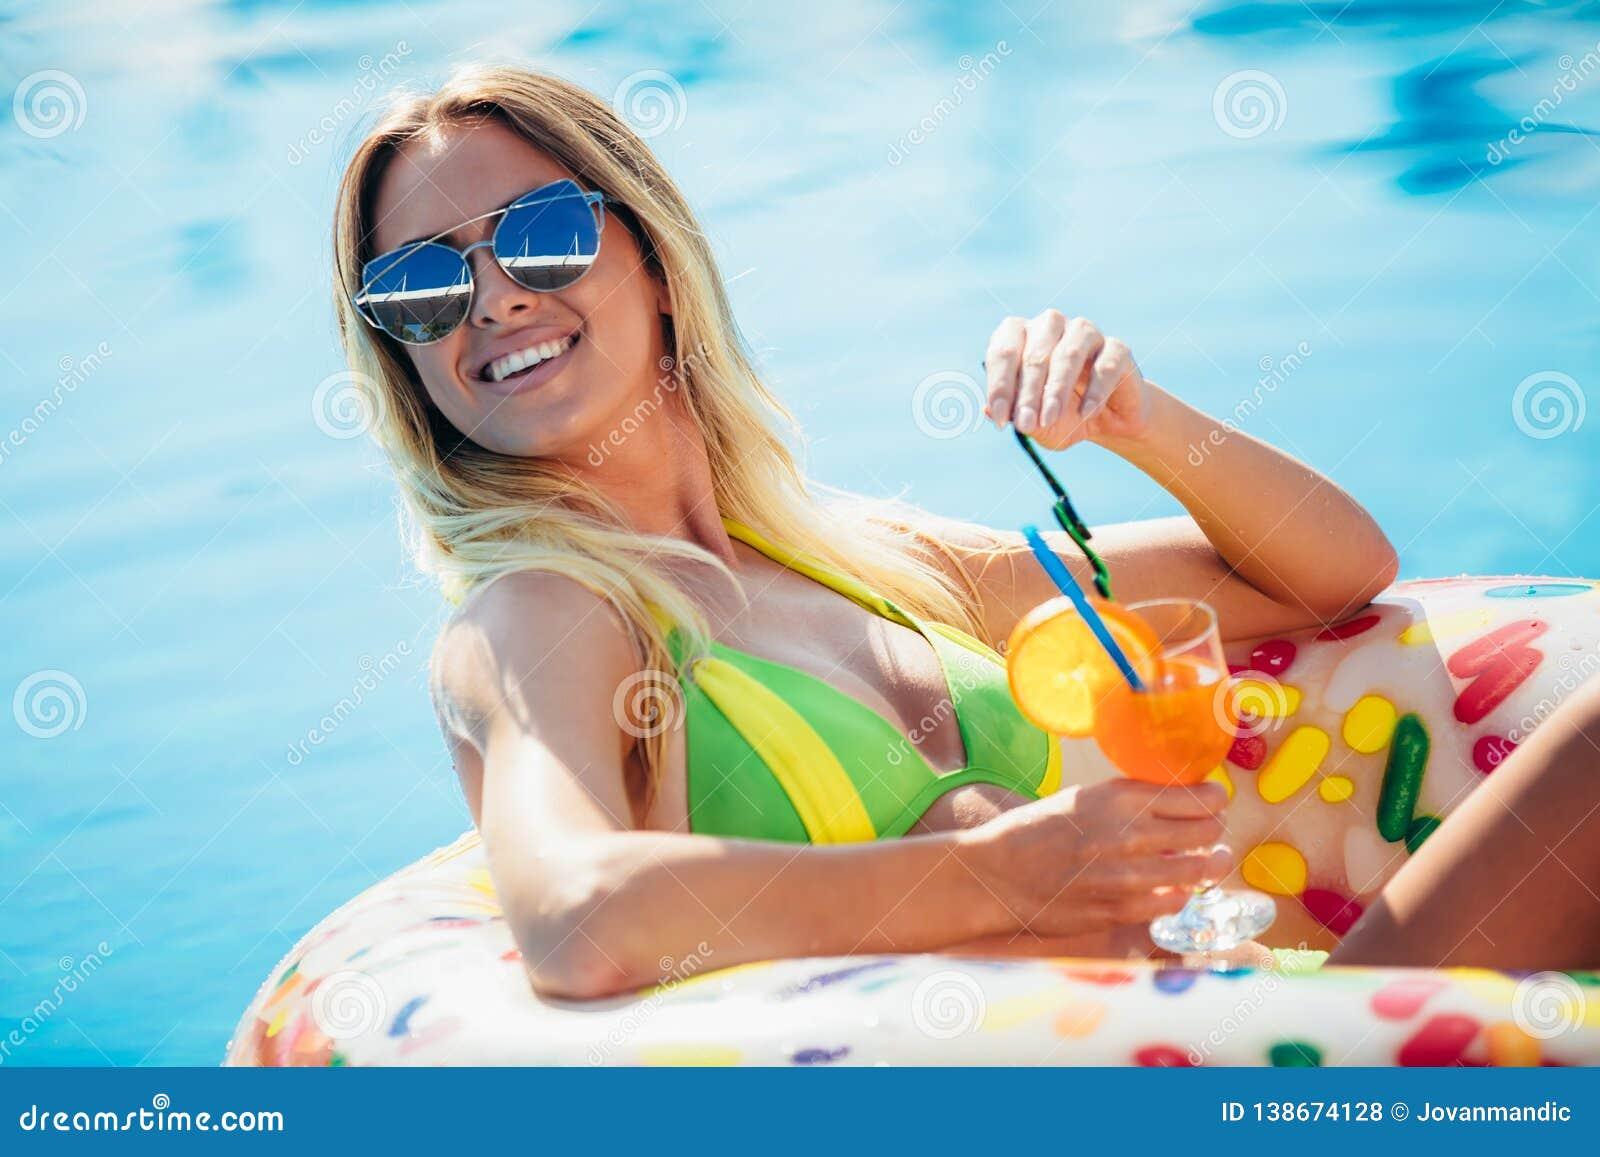 Enjoying suntan Woman in bikini on the inflatable mattress in the swimming pool